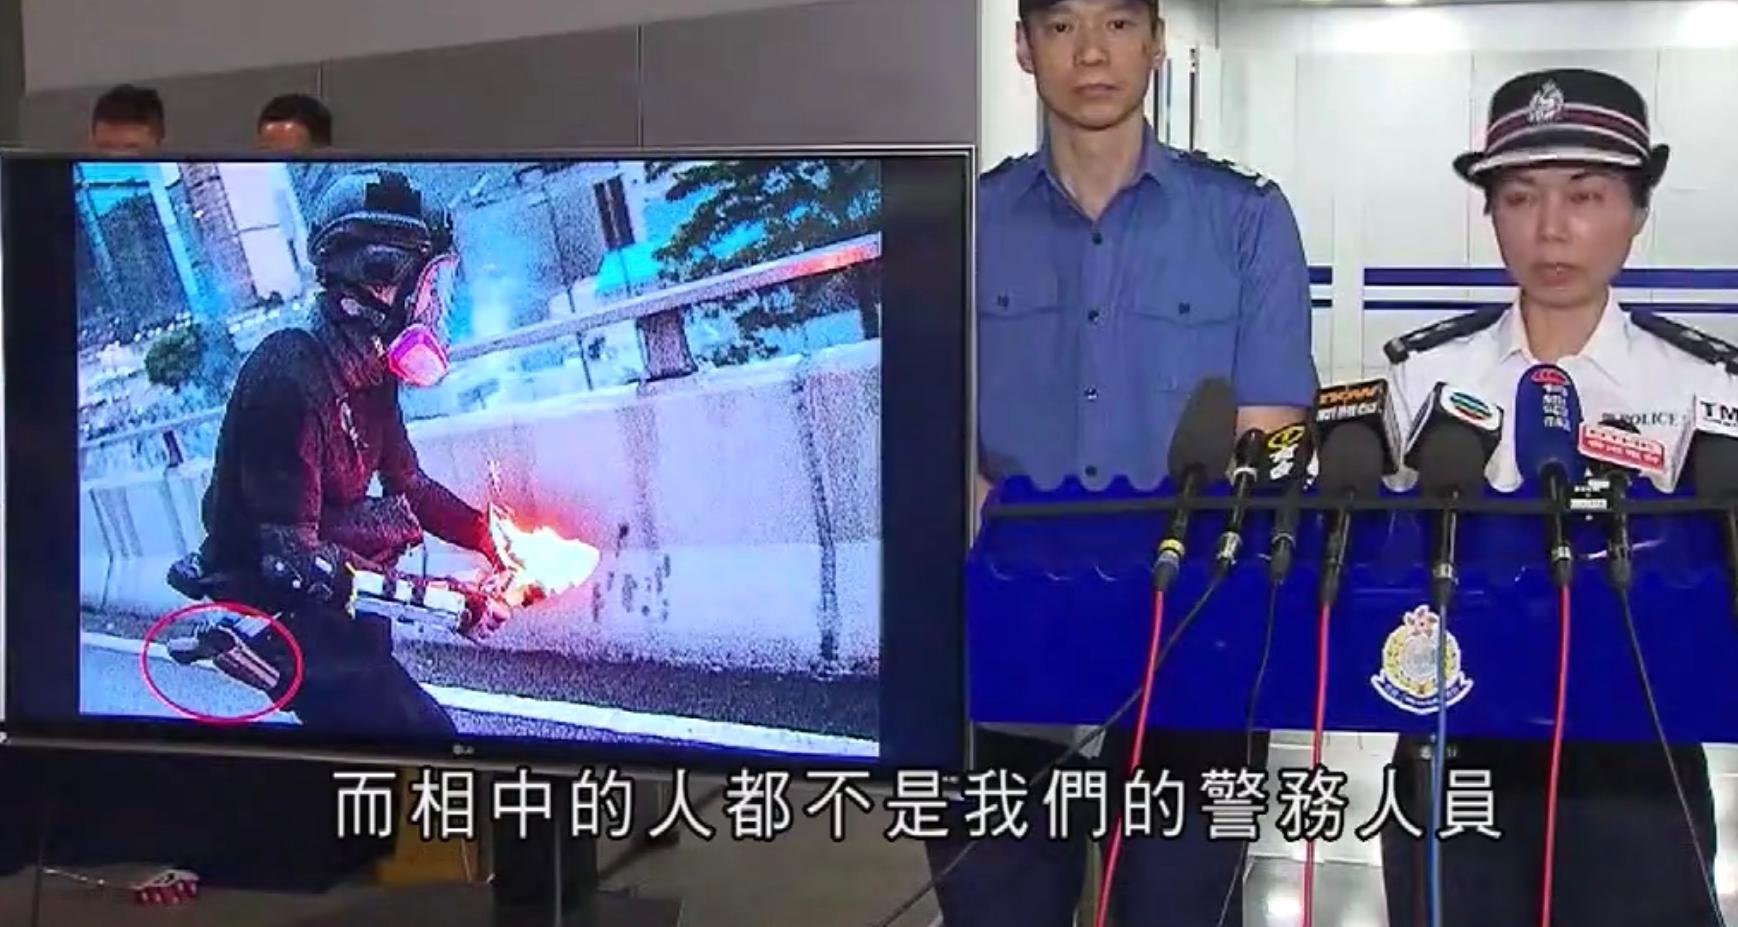 香港警方:网上流传的扔汽油弹图片中人物并非警察_我要网赚